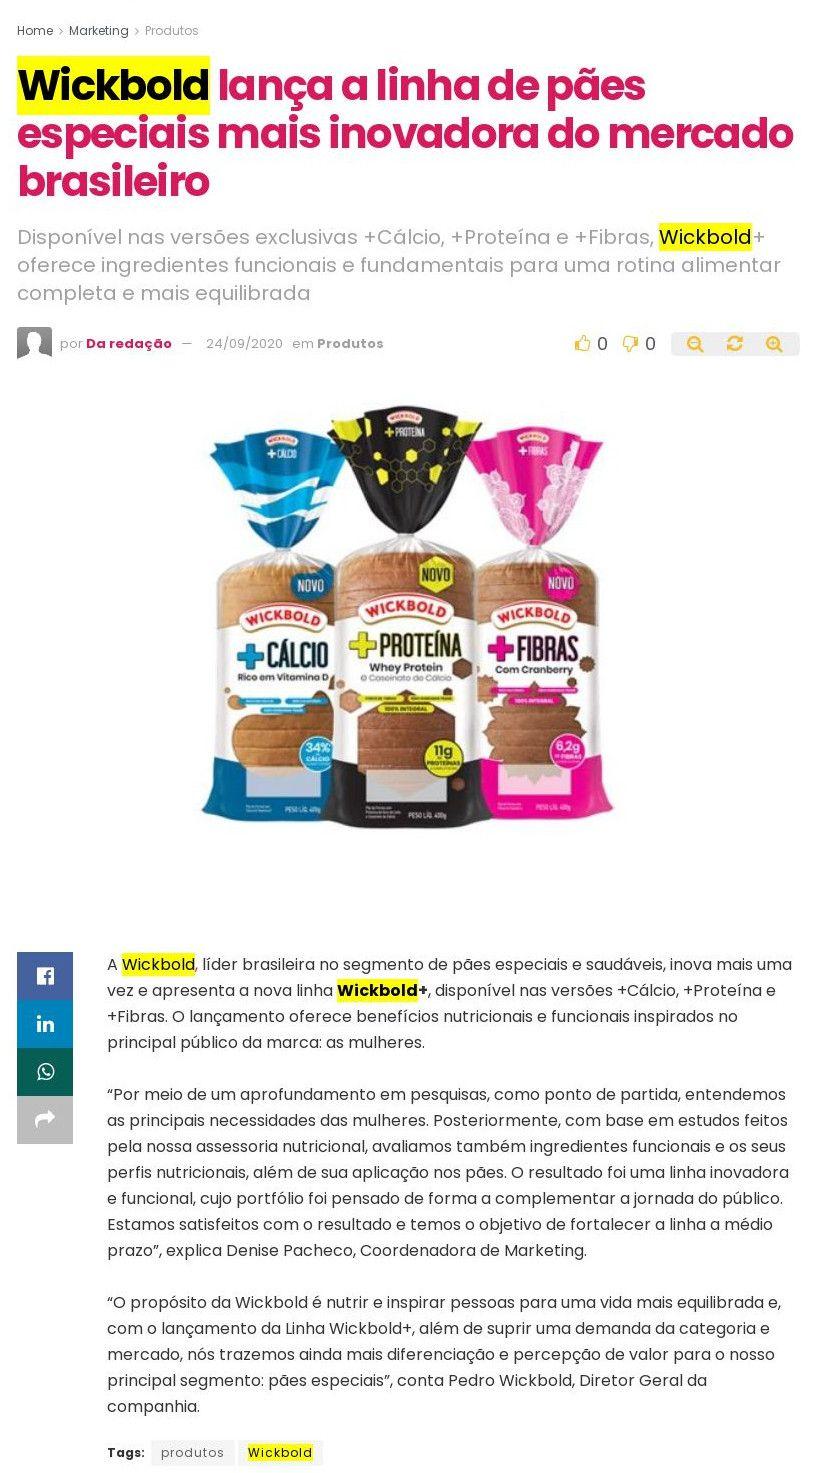 Wickbold lança a linha de pães especiais mais inovadora do mercado brasileiro - Abc da Comunicação